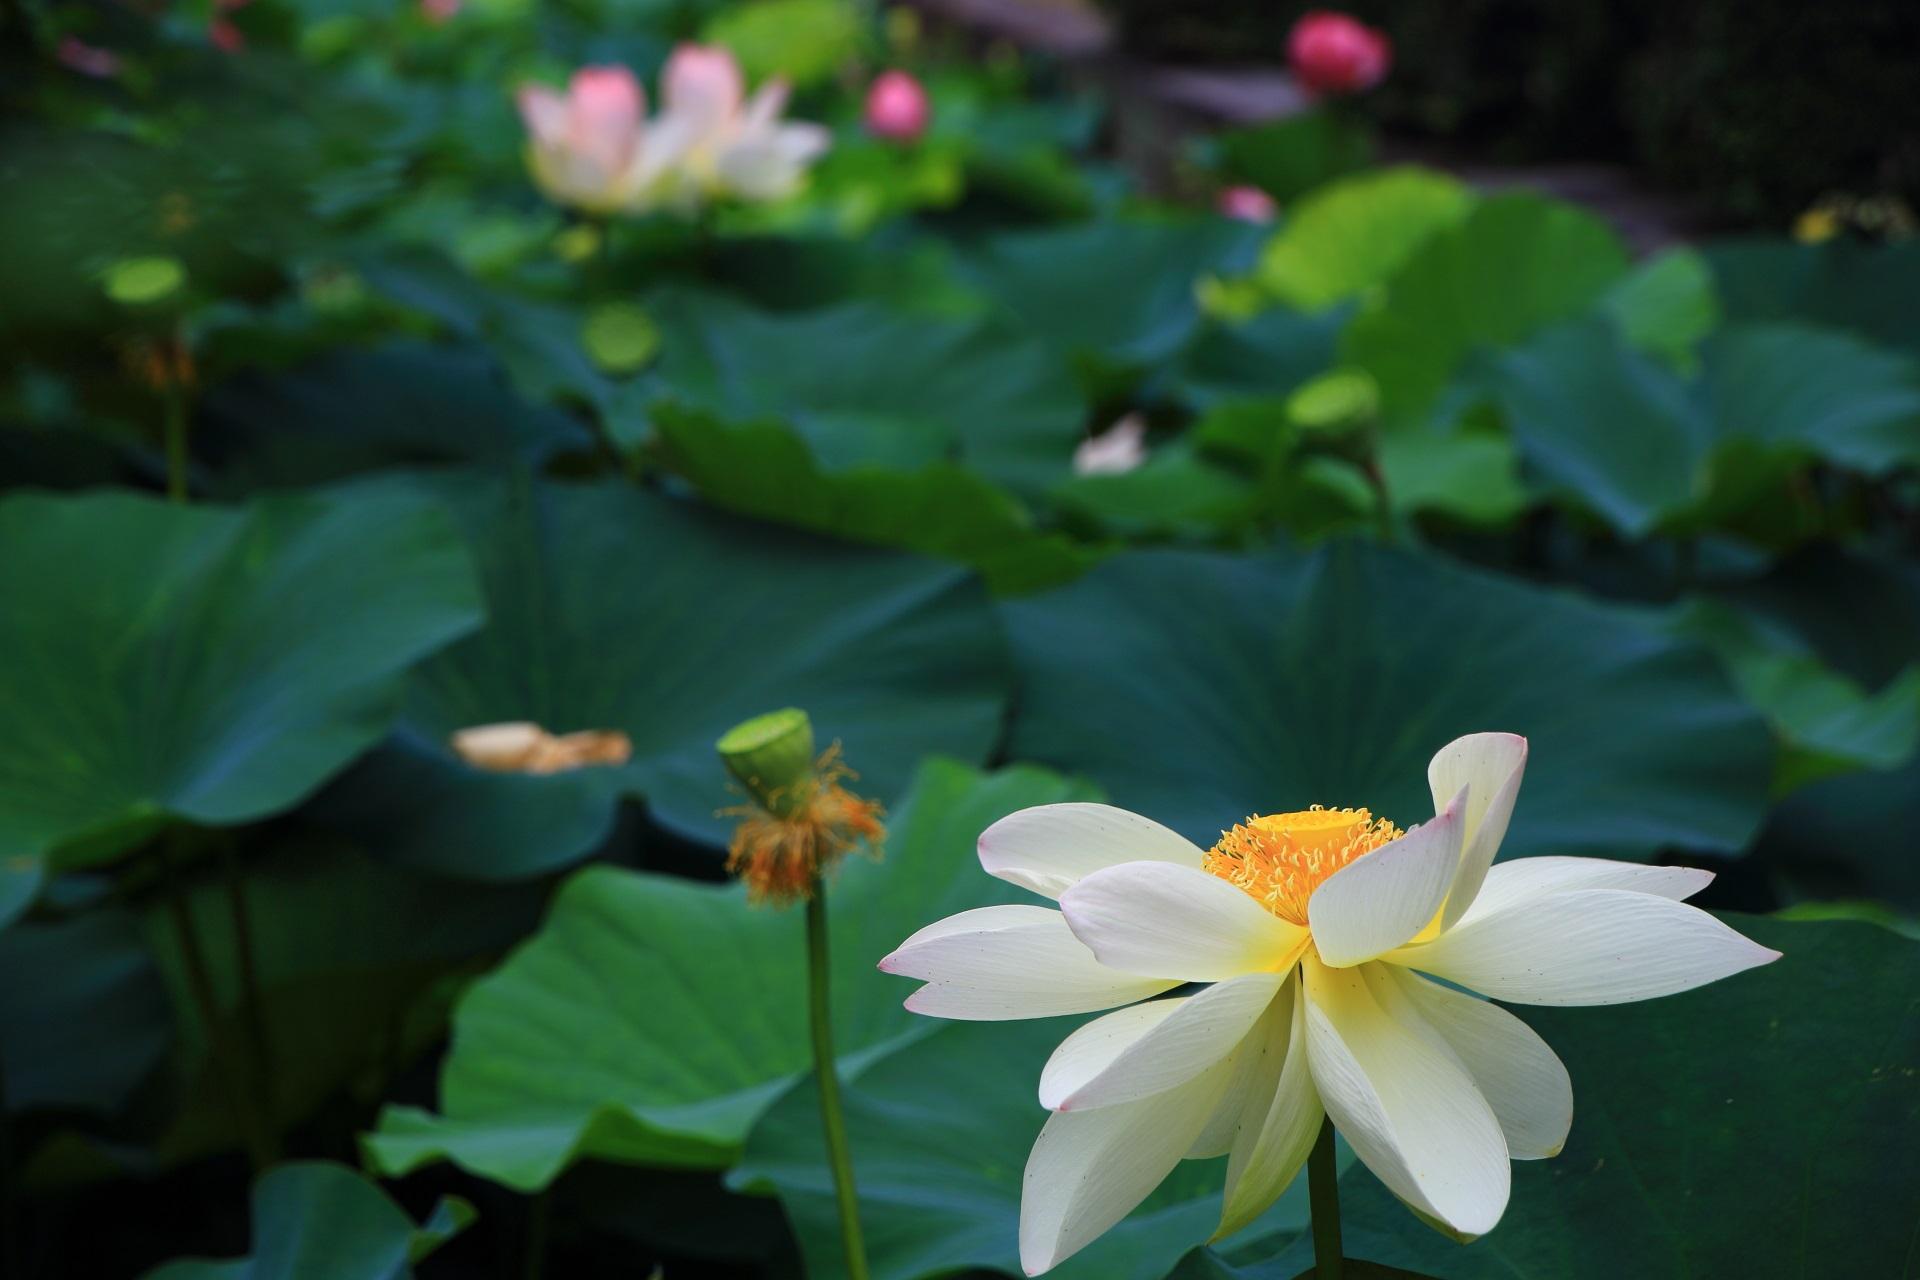 東本願寺の蓮の葉の緑に映える白い花